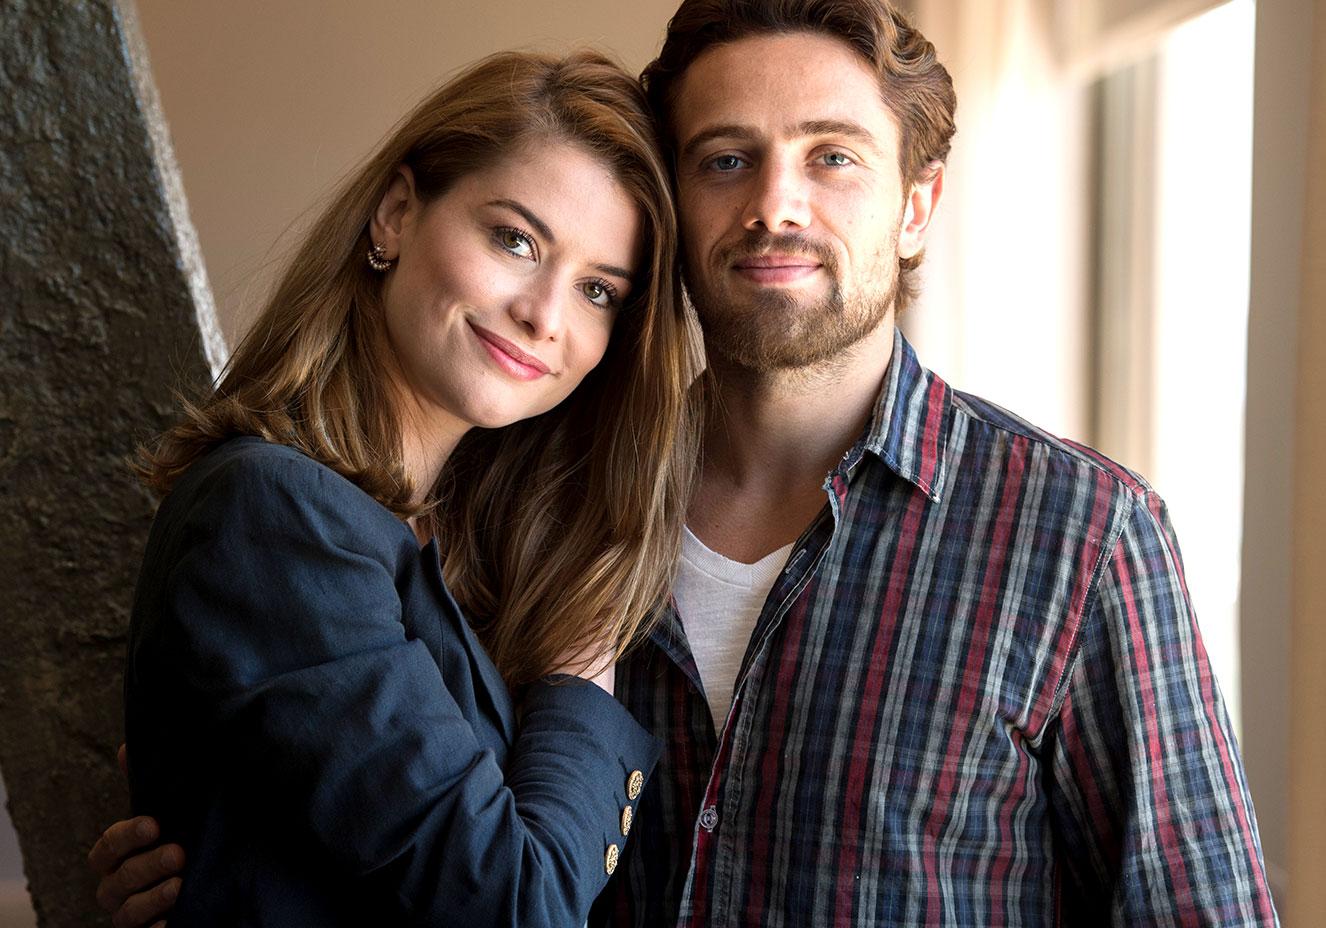 Texto alternativo: Há um casal na foto. Um homem branco, loiro, de barba está a esquerda, com uma camisa xadrez azul e vermelha. A seu lado está uma mulher branca, loira, com um blazer azul. Ela está abraçando o homem de lado.